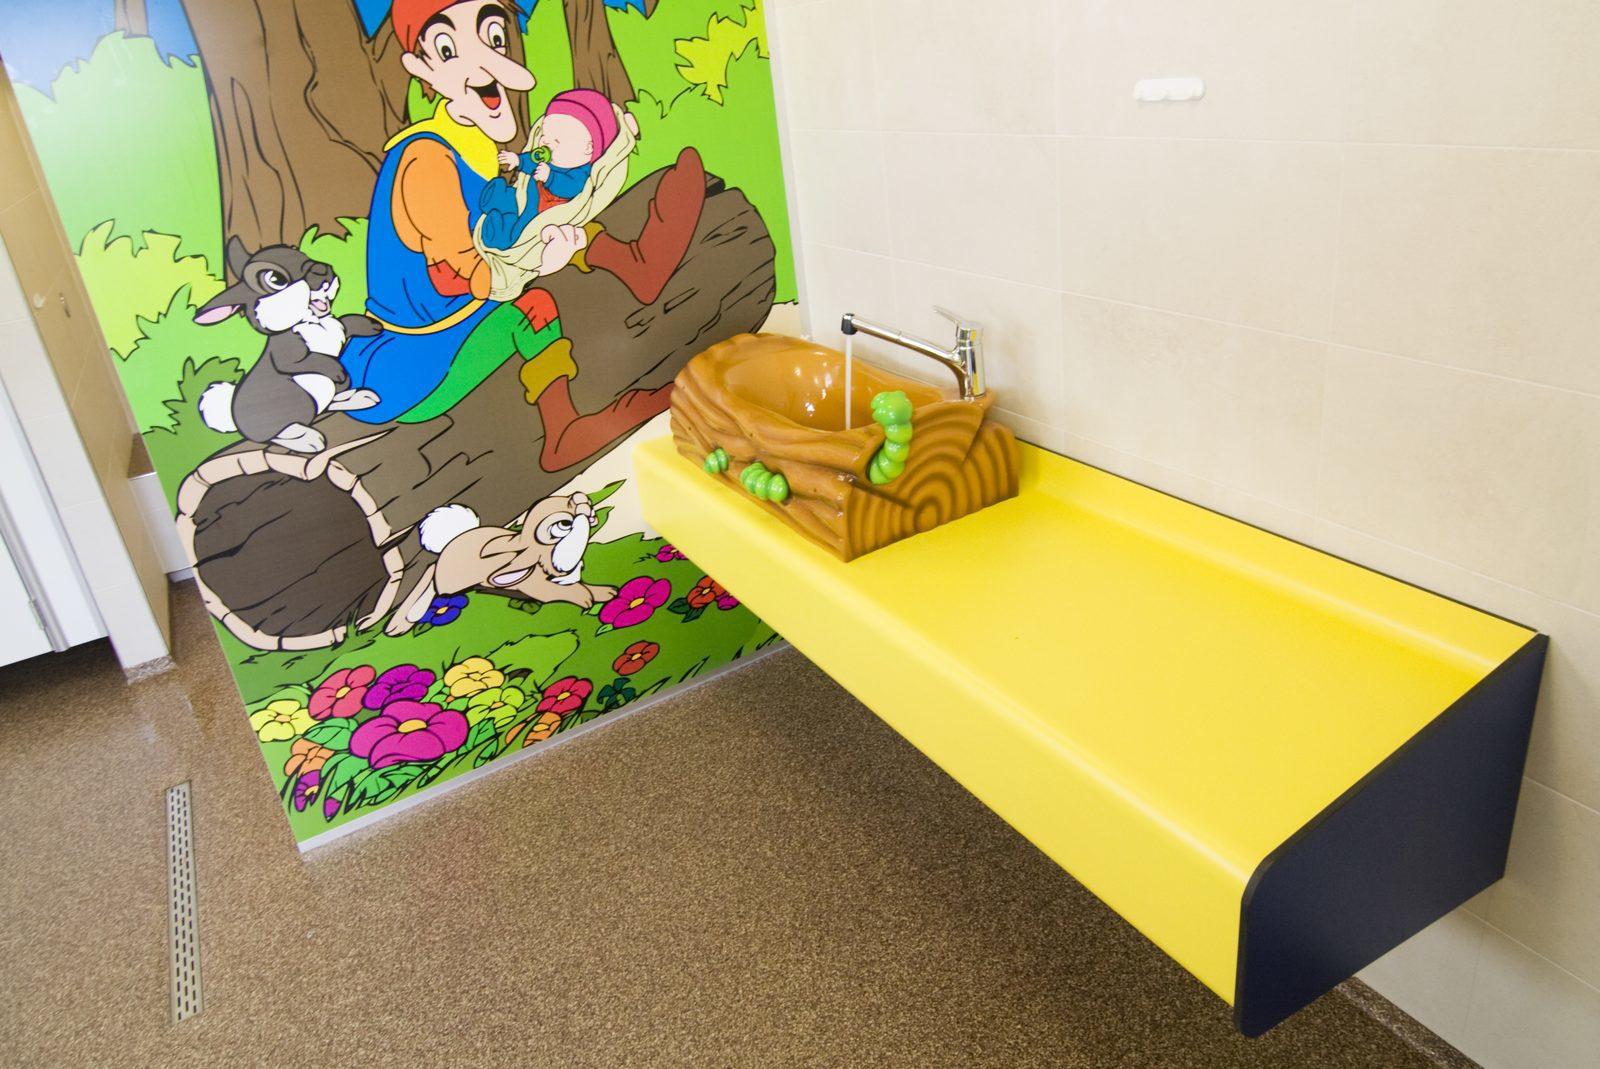 Kindersanitair in luxe toiletgebouw op camping van Recreatiepark De Boshoek